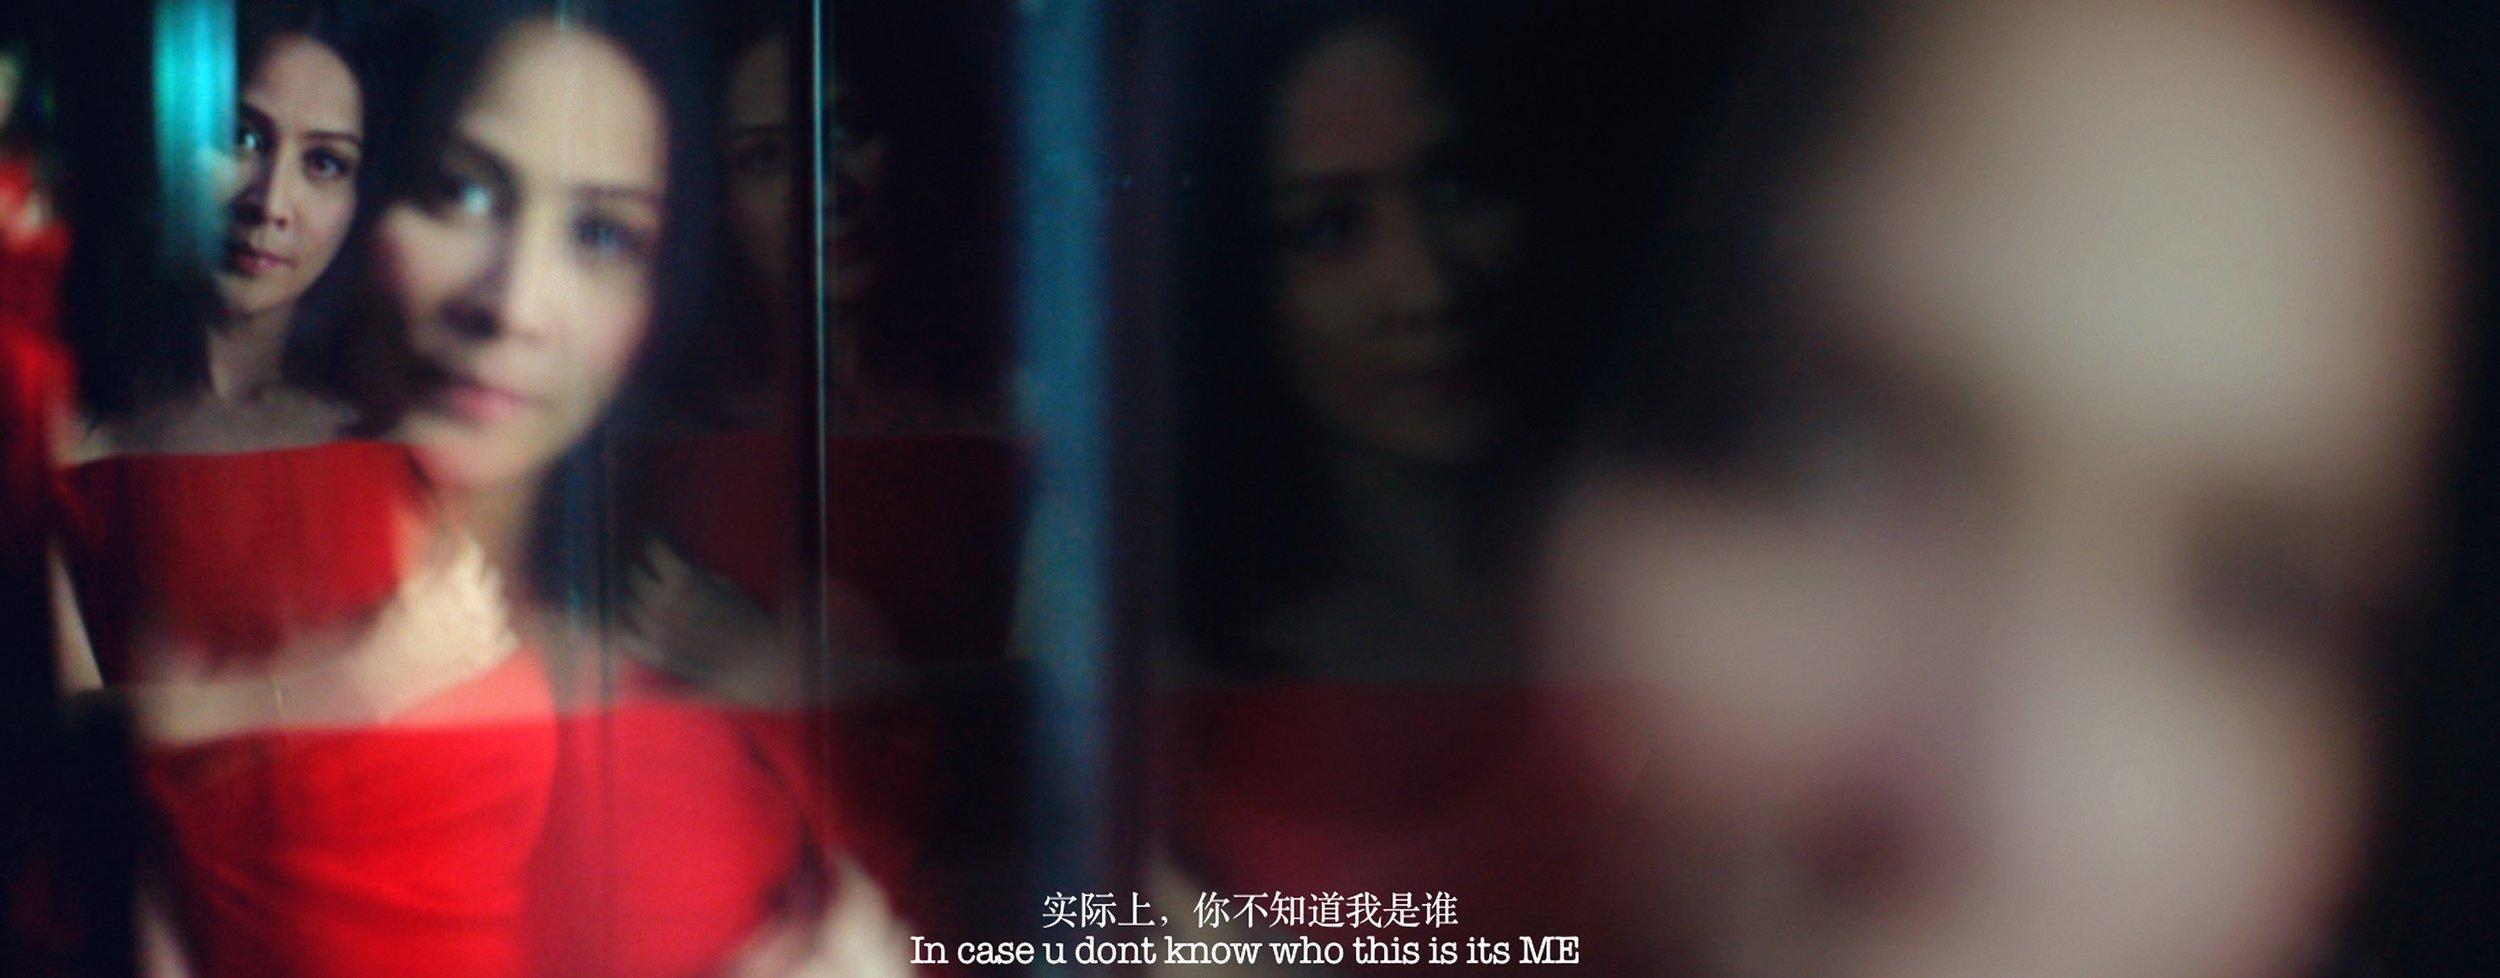 Cheng Ran